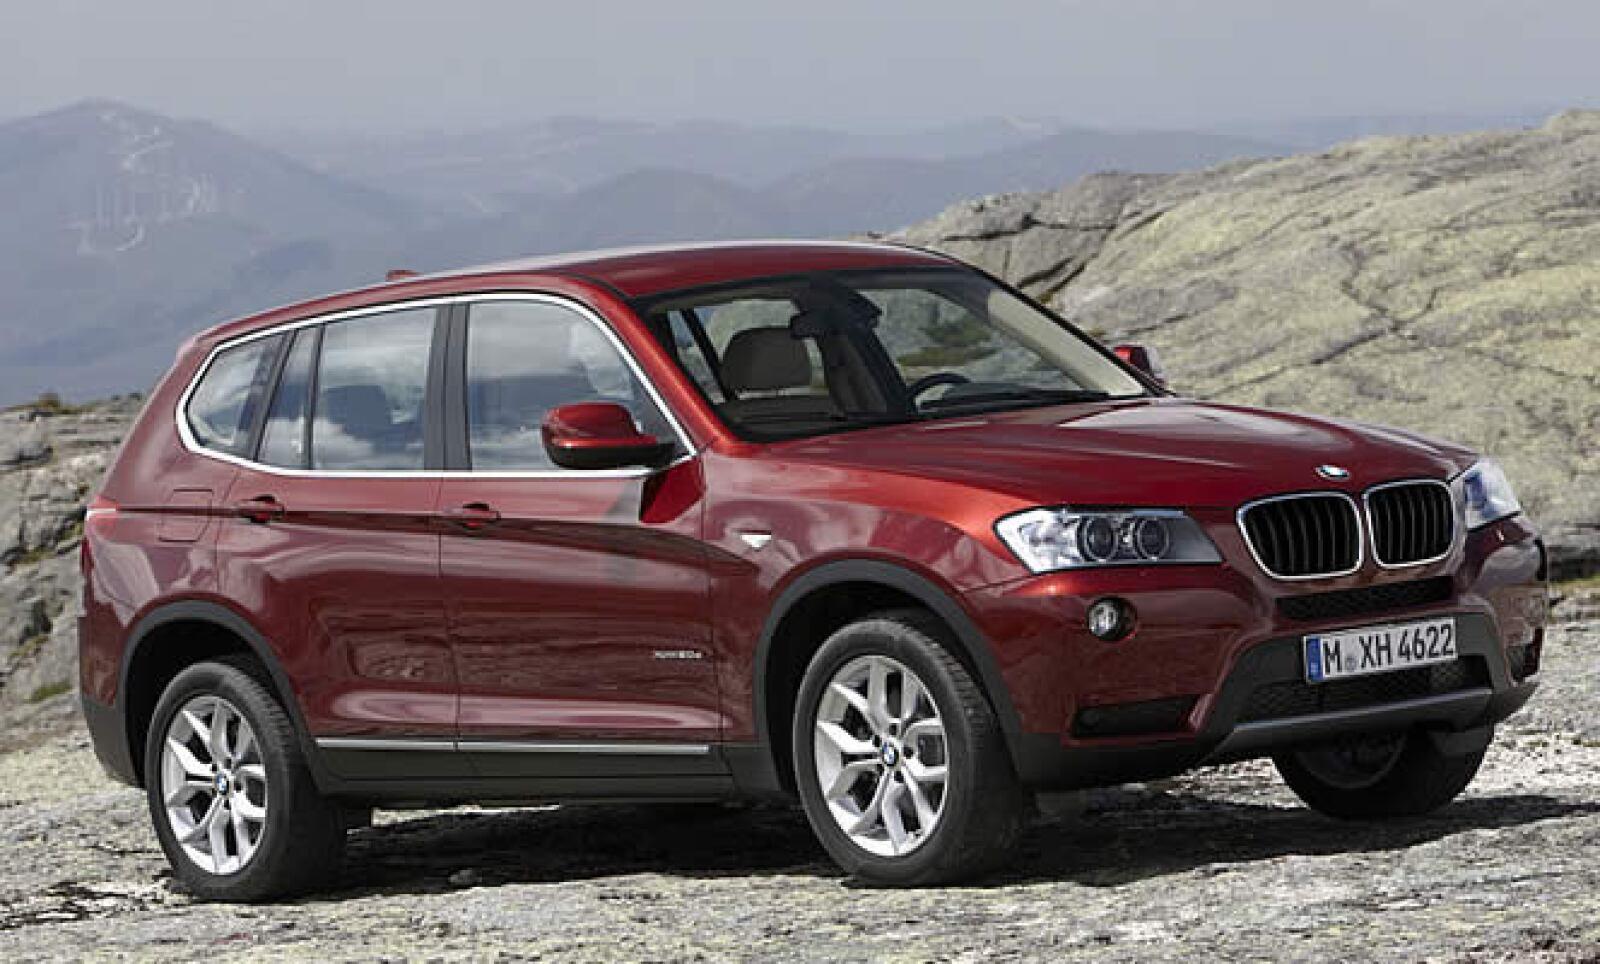 La firma teutona BMW ha presentado las primeras imágenes y datos técnicos de la segunda generación de su Sports Active Vehicle, el BMW X3.